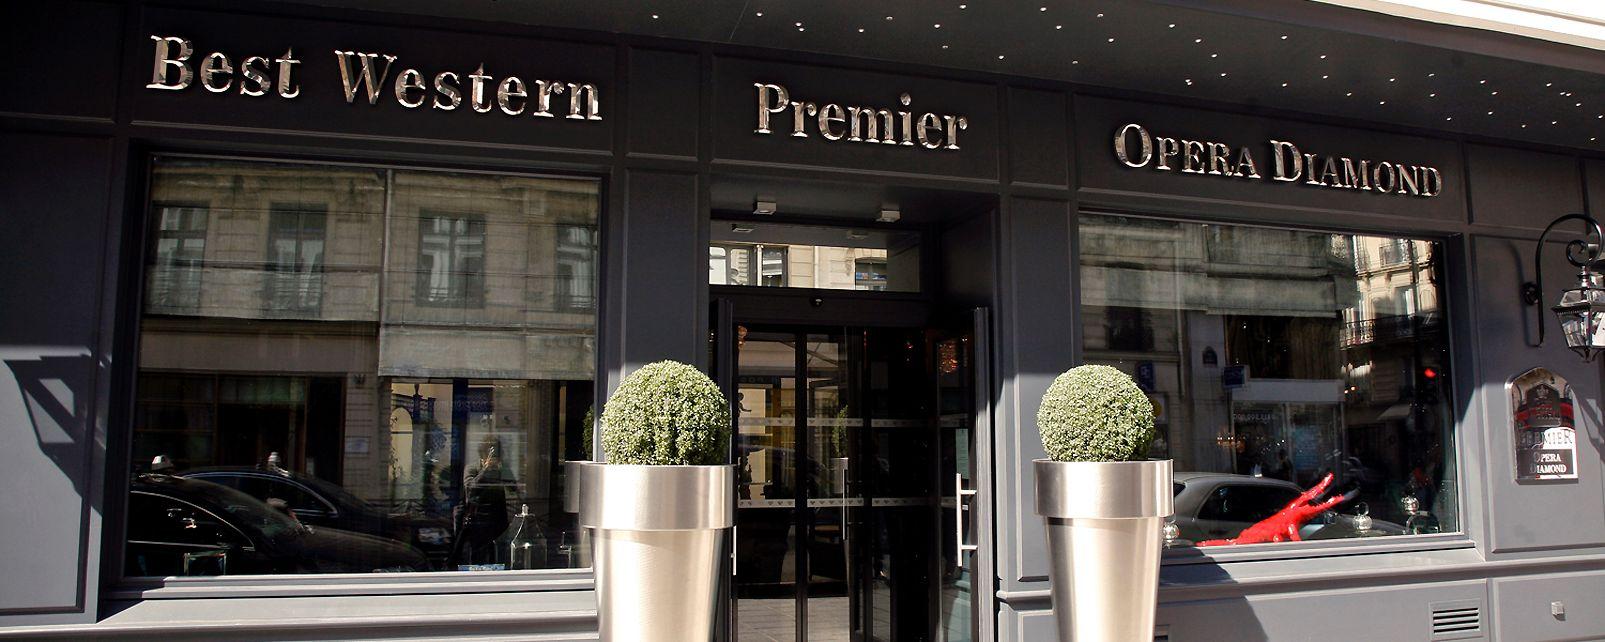 Hotel Best Western Premier Opera Diamond